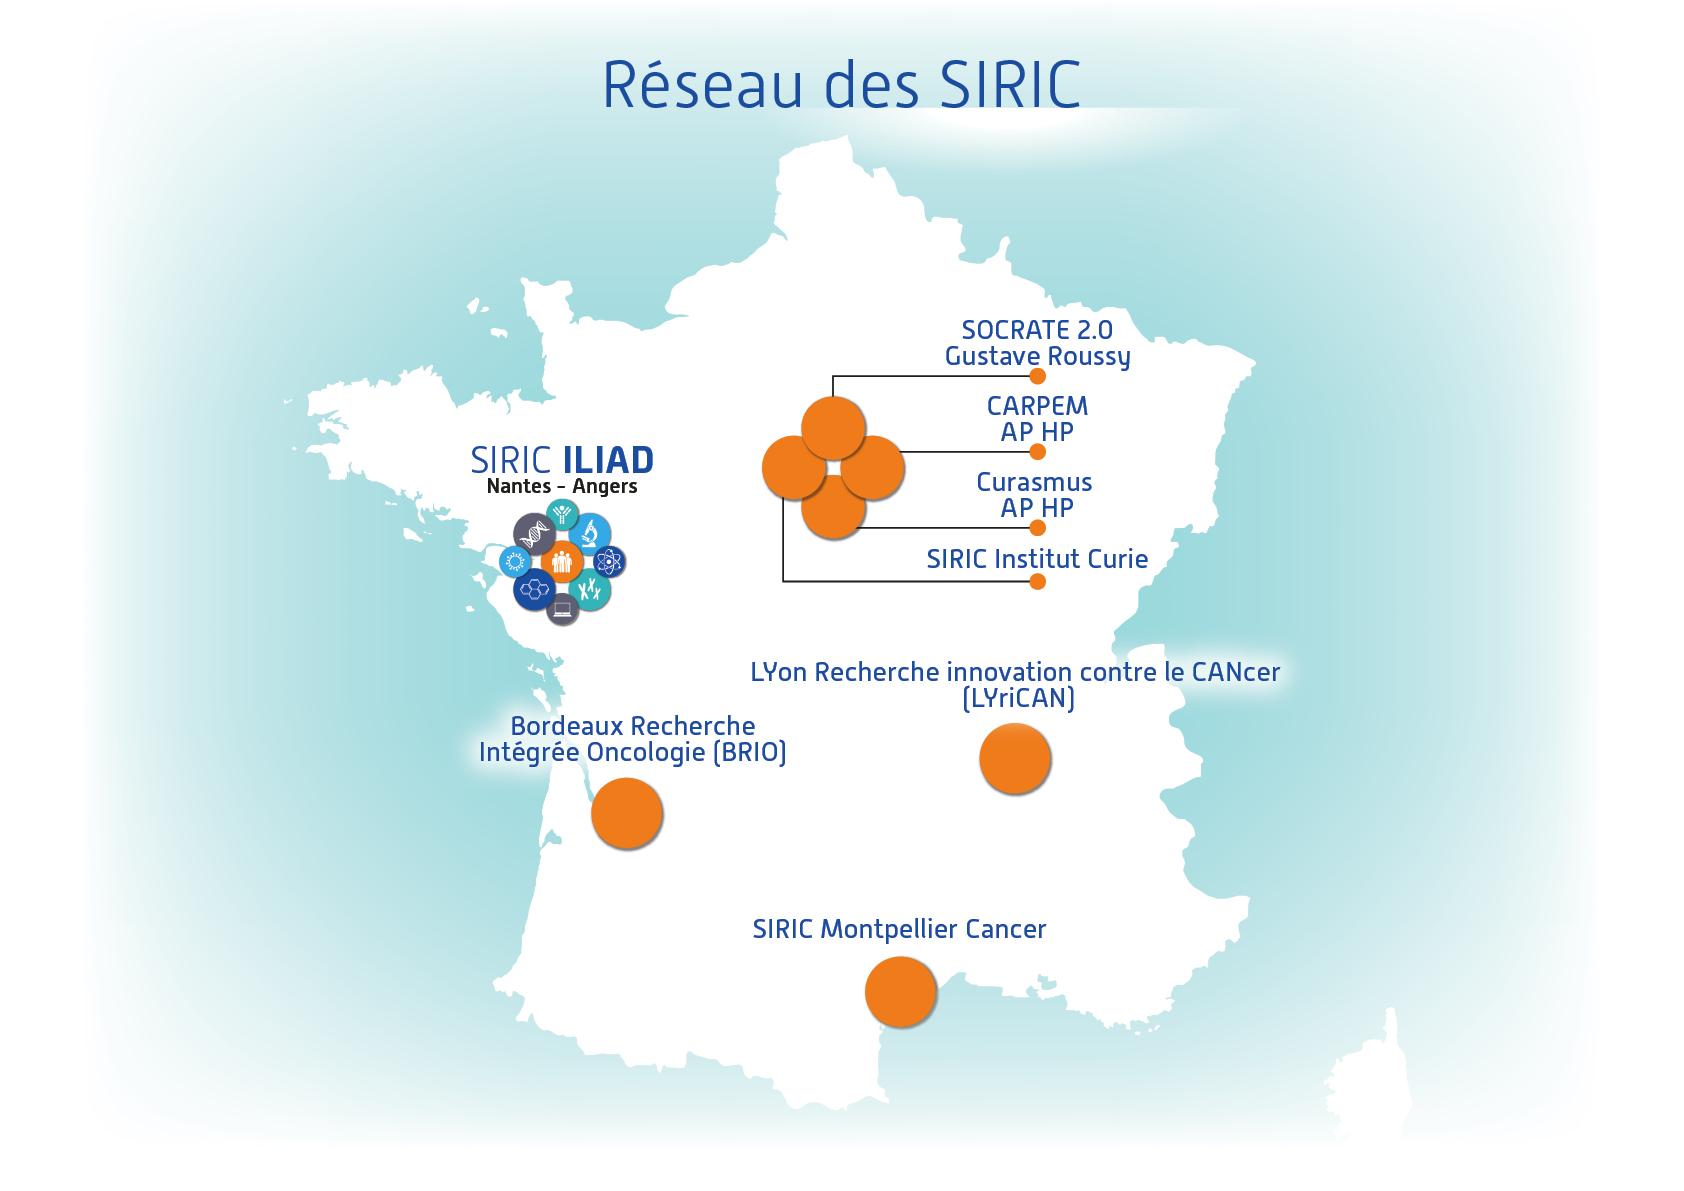 rseau-des-siric